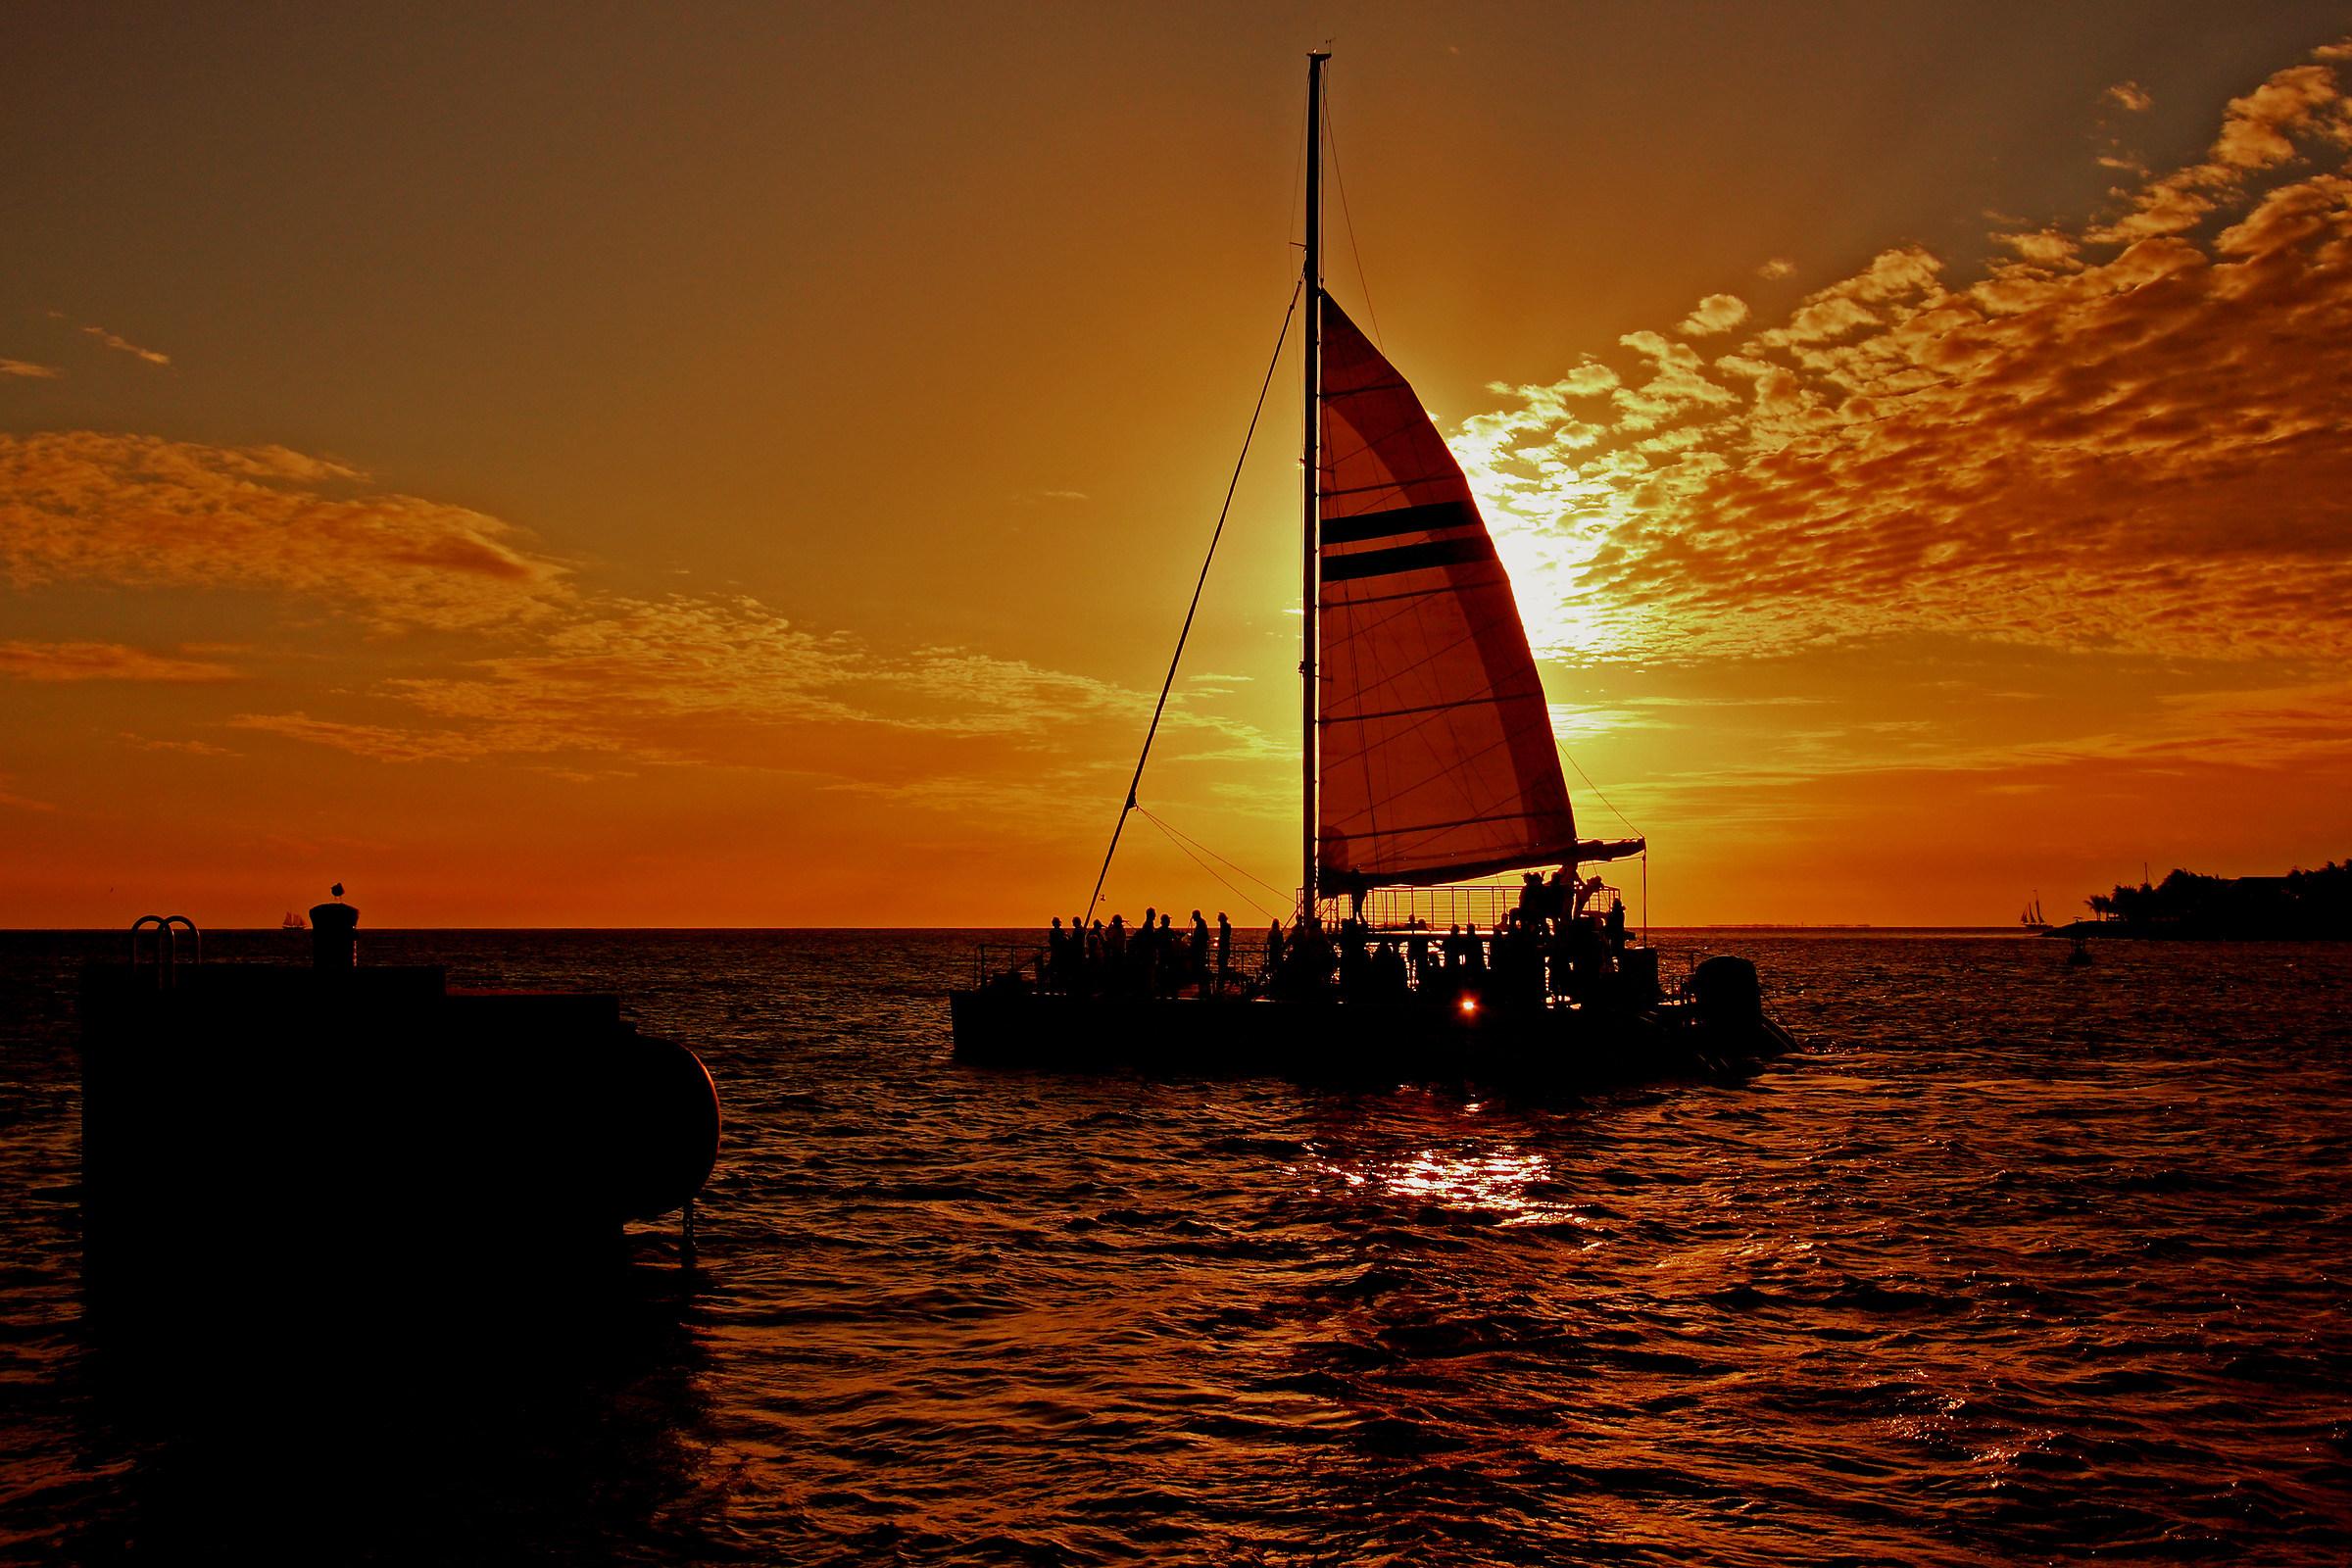 the sun behind the sail...